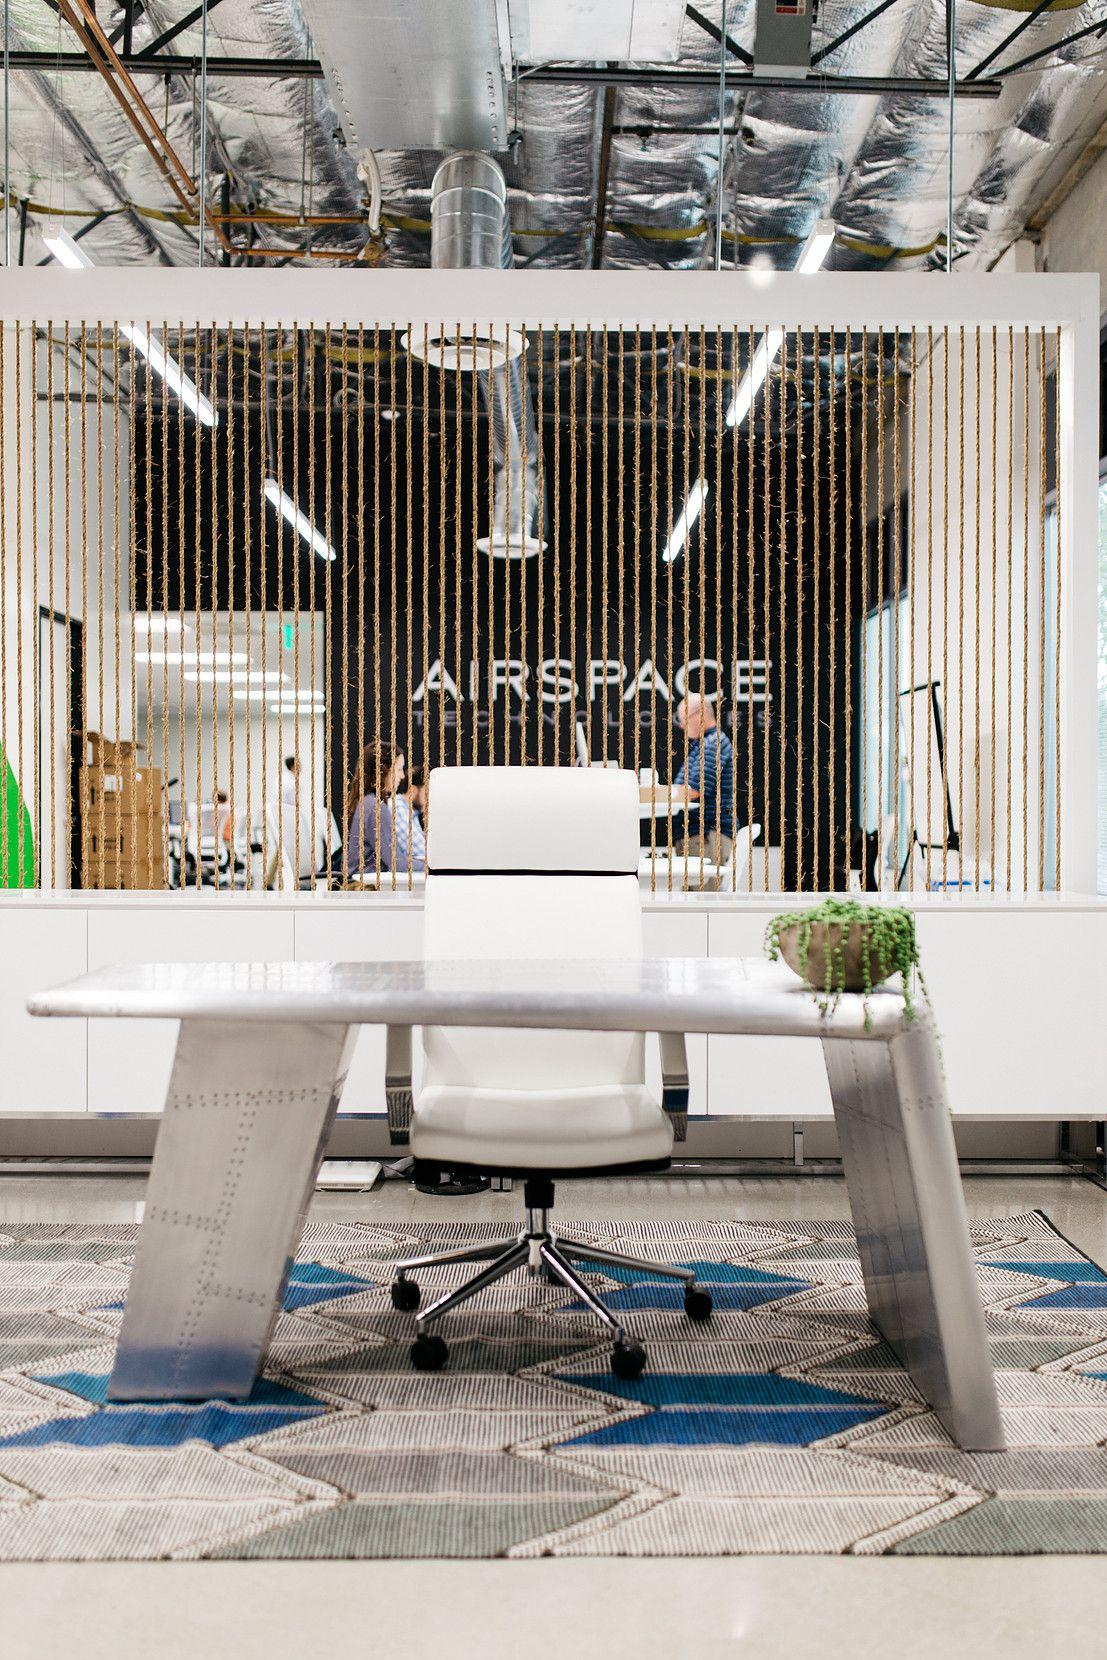 Pin von M. Swabb Decor + Style | Interior Design auf M.Swabb ...